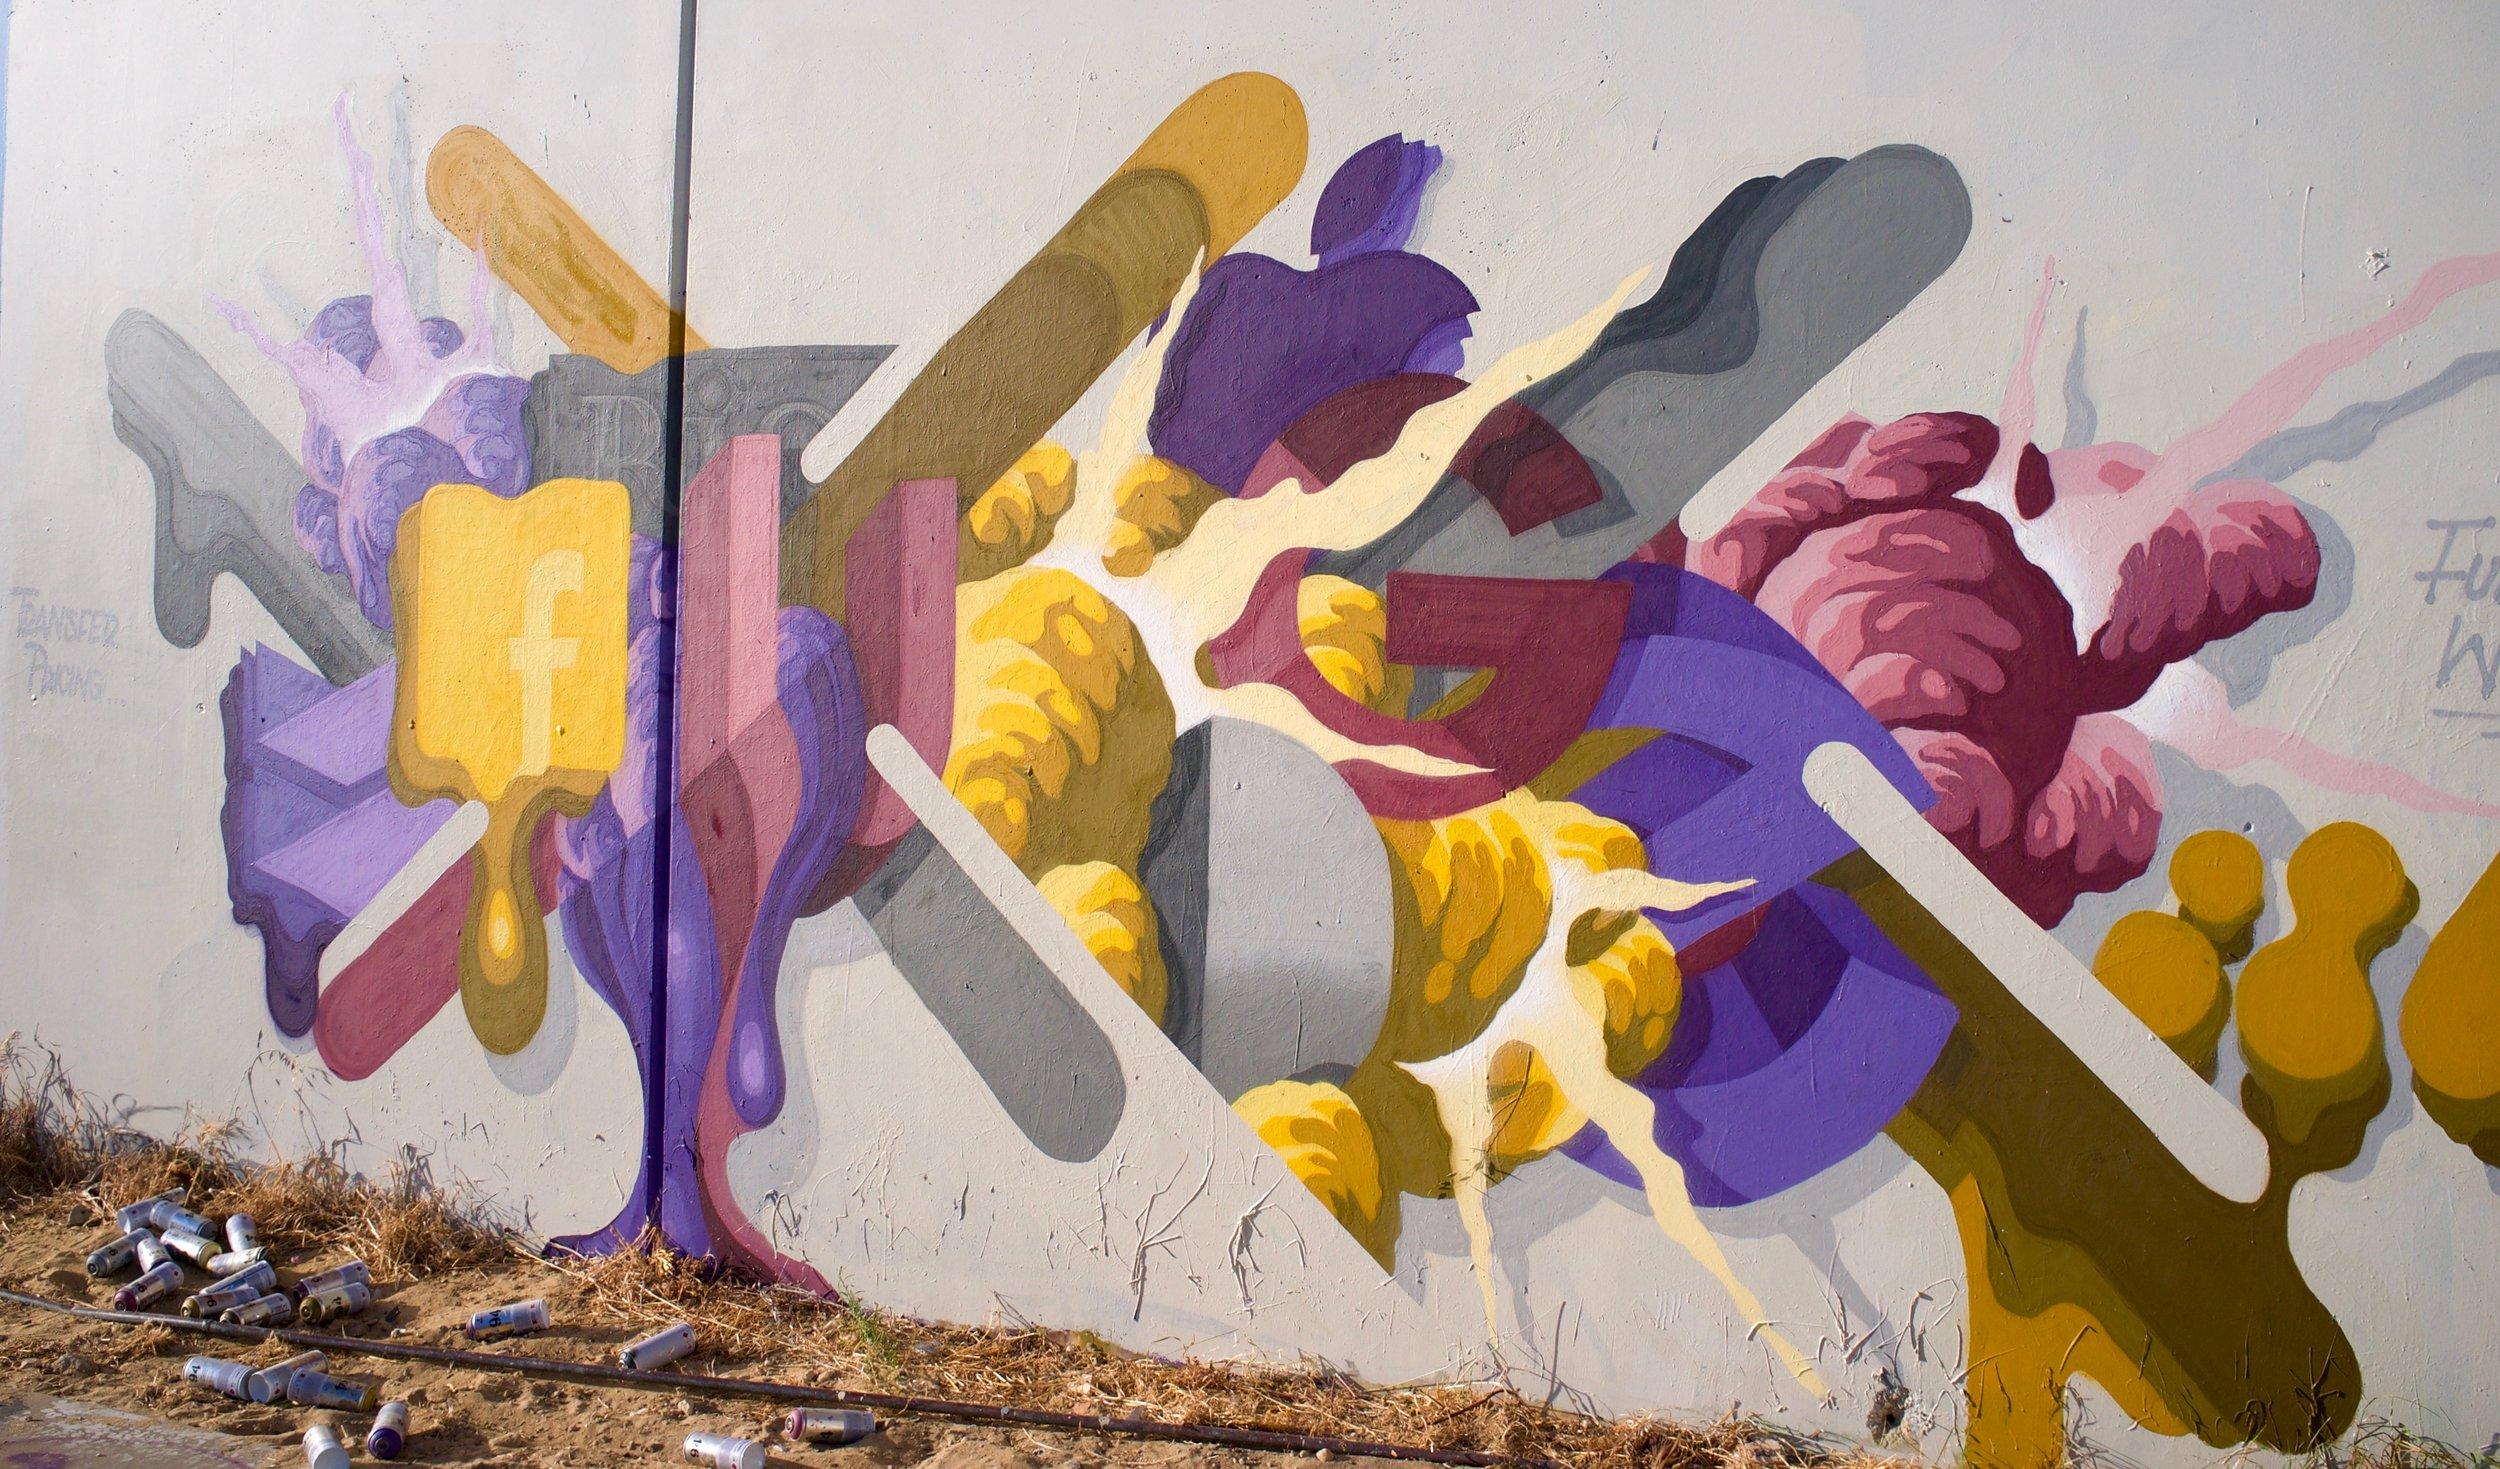 FW_Murals - 4 (2).jpg